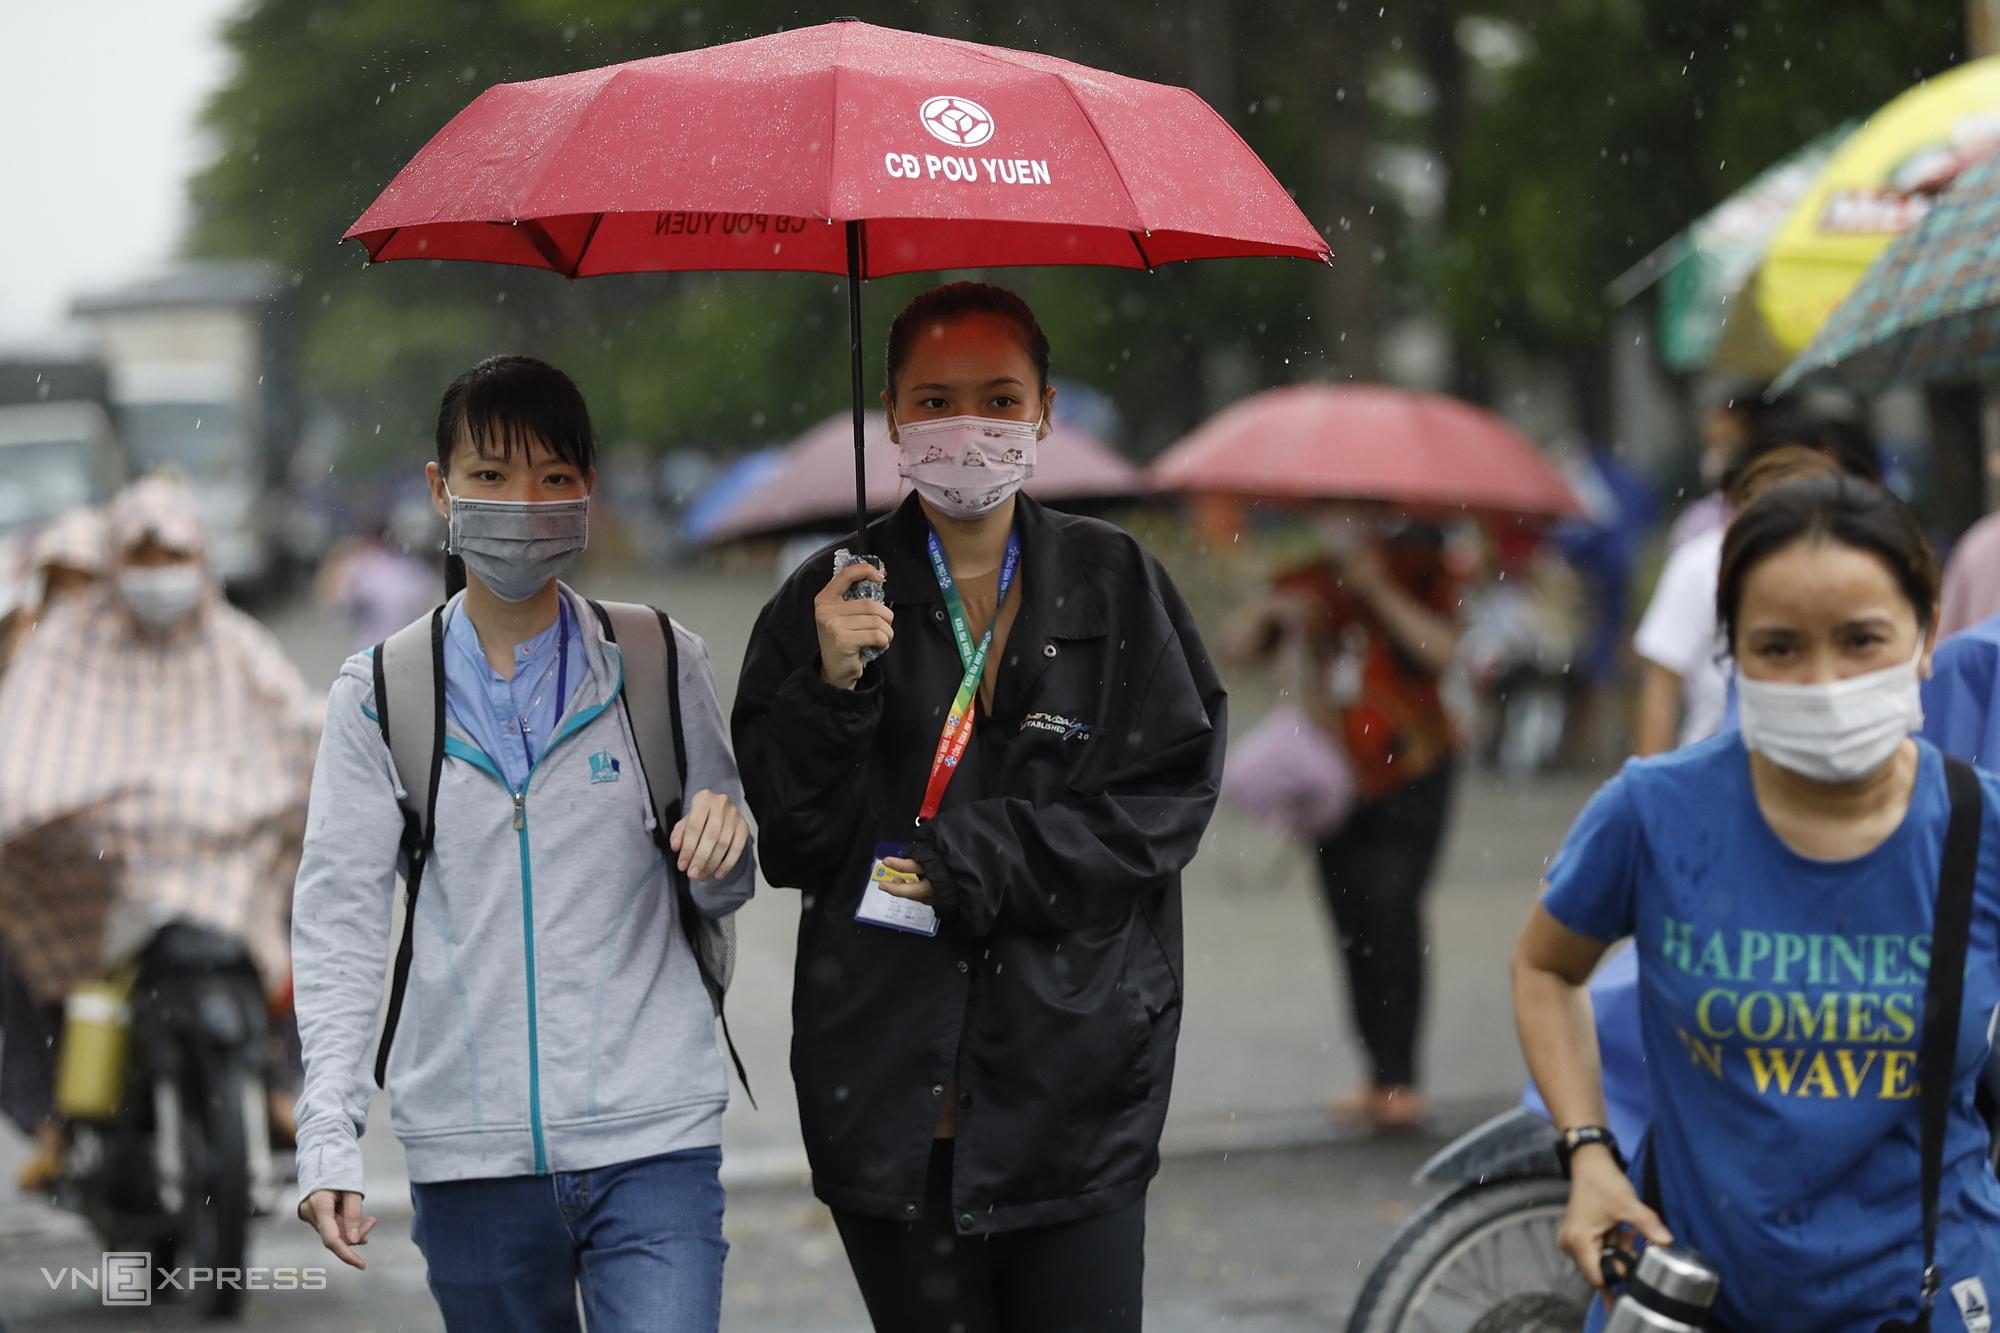 Công nhân Công ty Pouyuen ra về trong cơn mưa chiều 9/6. Ảnh: Hữu Khoa